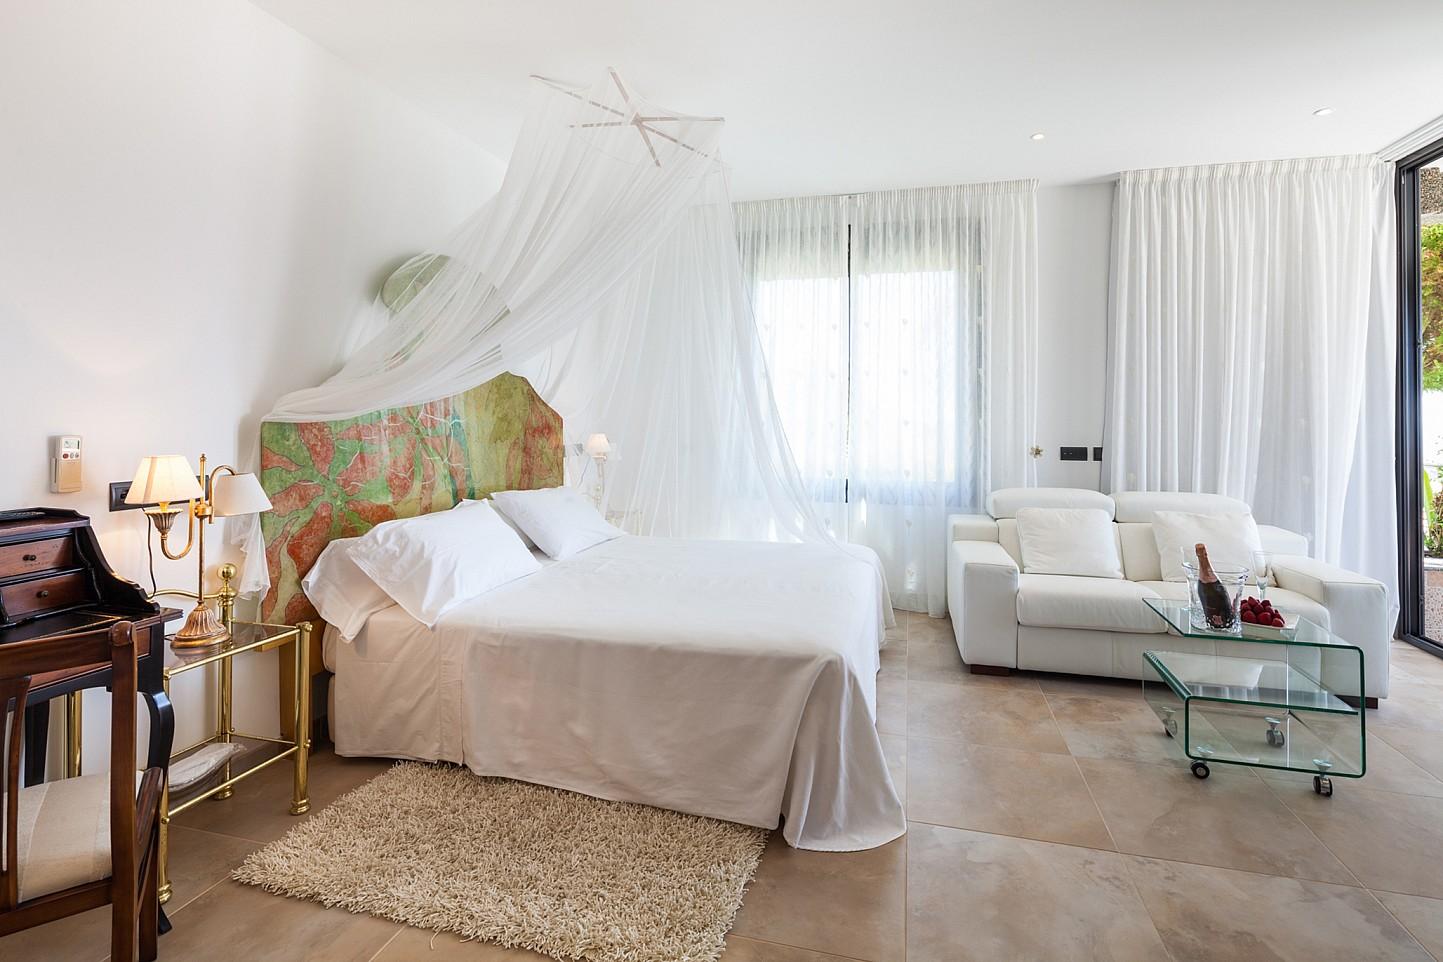 Dormitori ampli amb molta llum natural